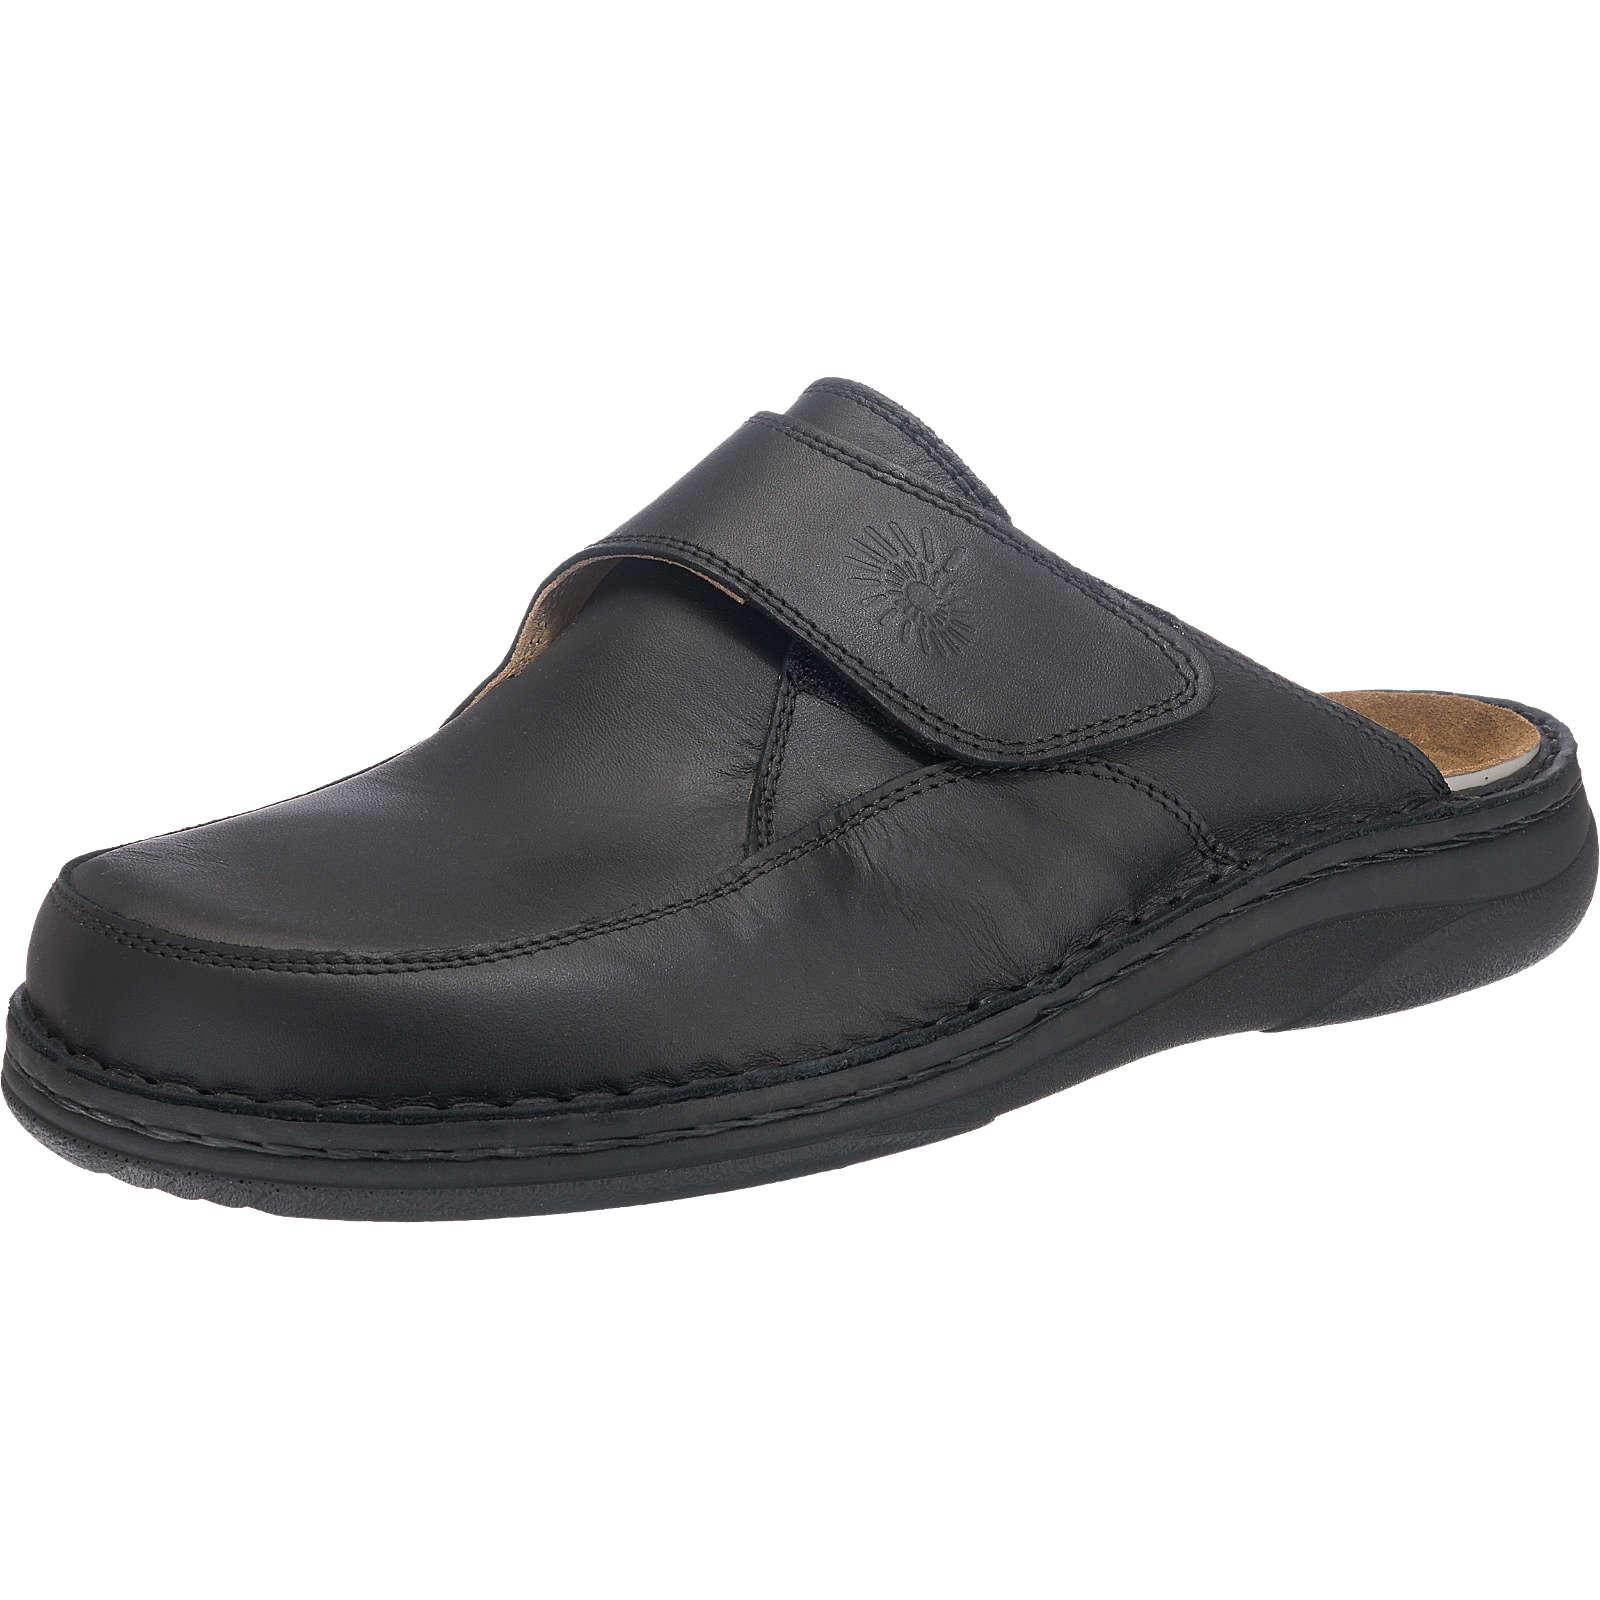 HELIX Pantoffeln schwarz Herren Gr. 39